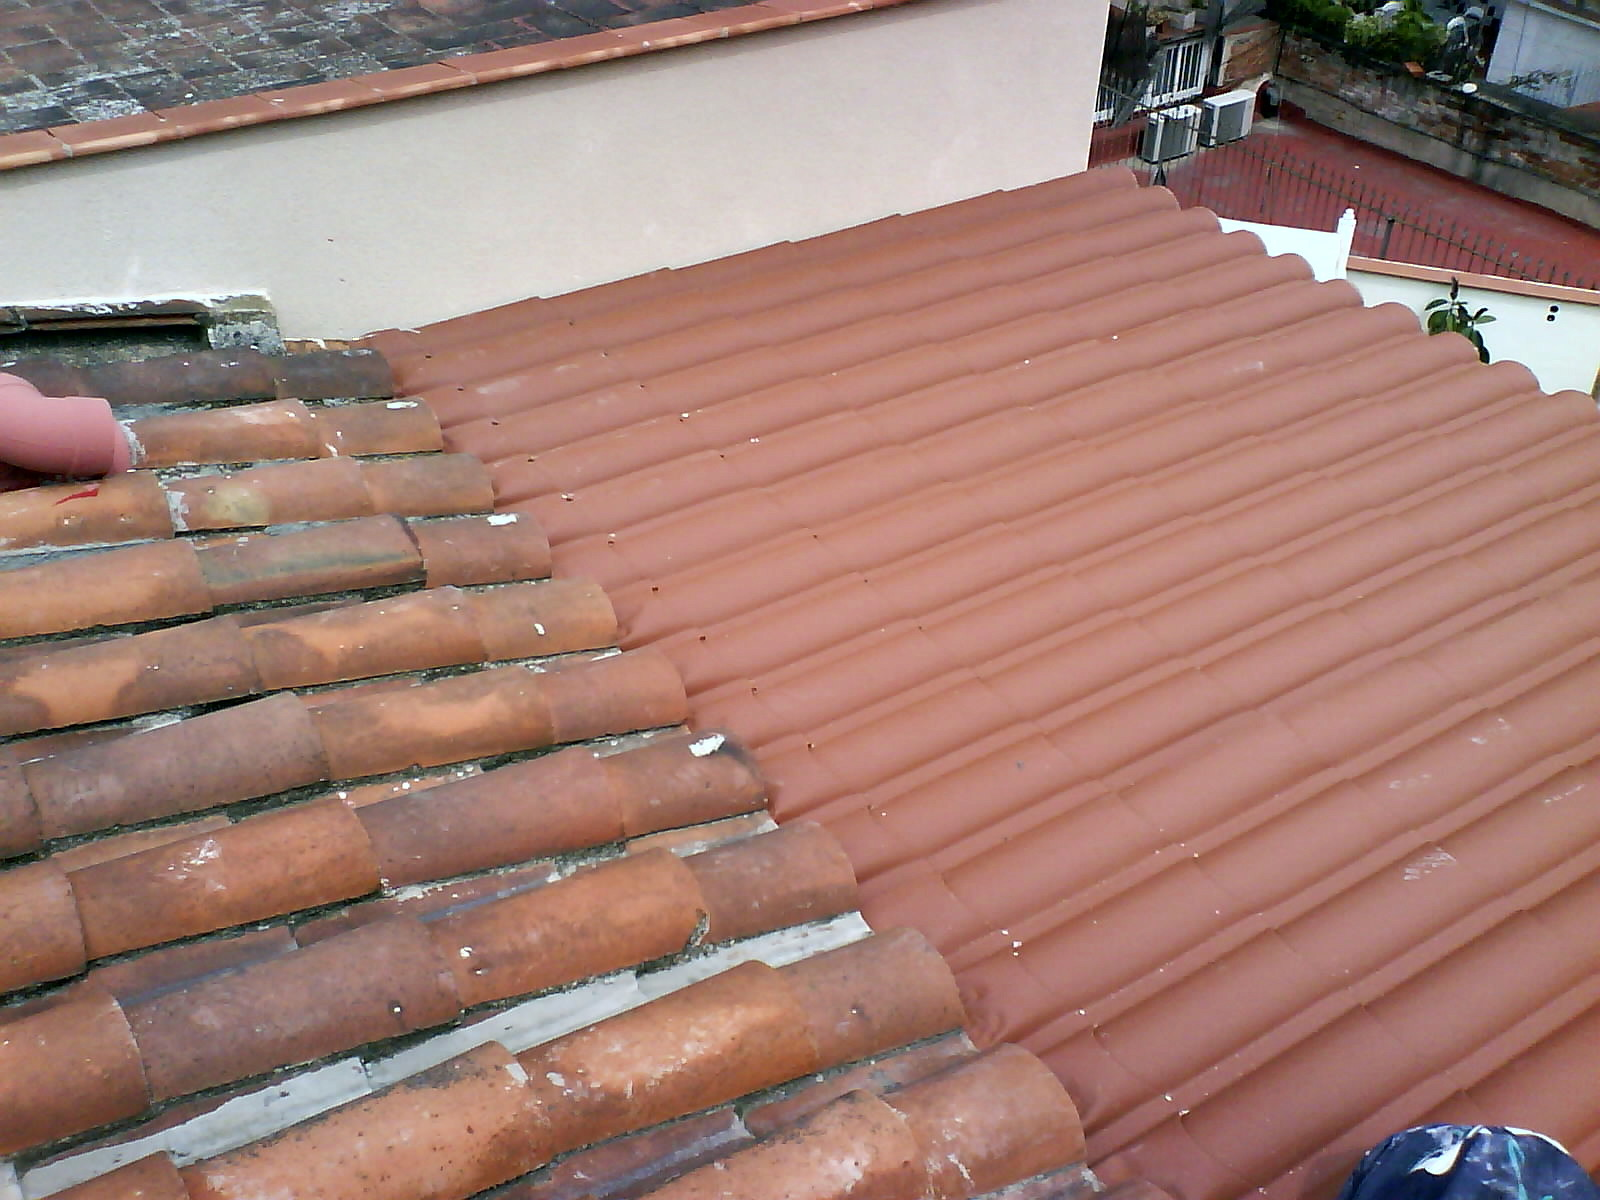 Fabricaci n venta e instalaci n de techos y tejados en for Tejados de madera con teja